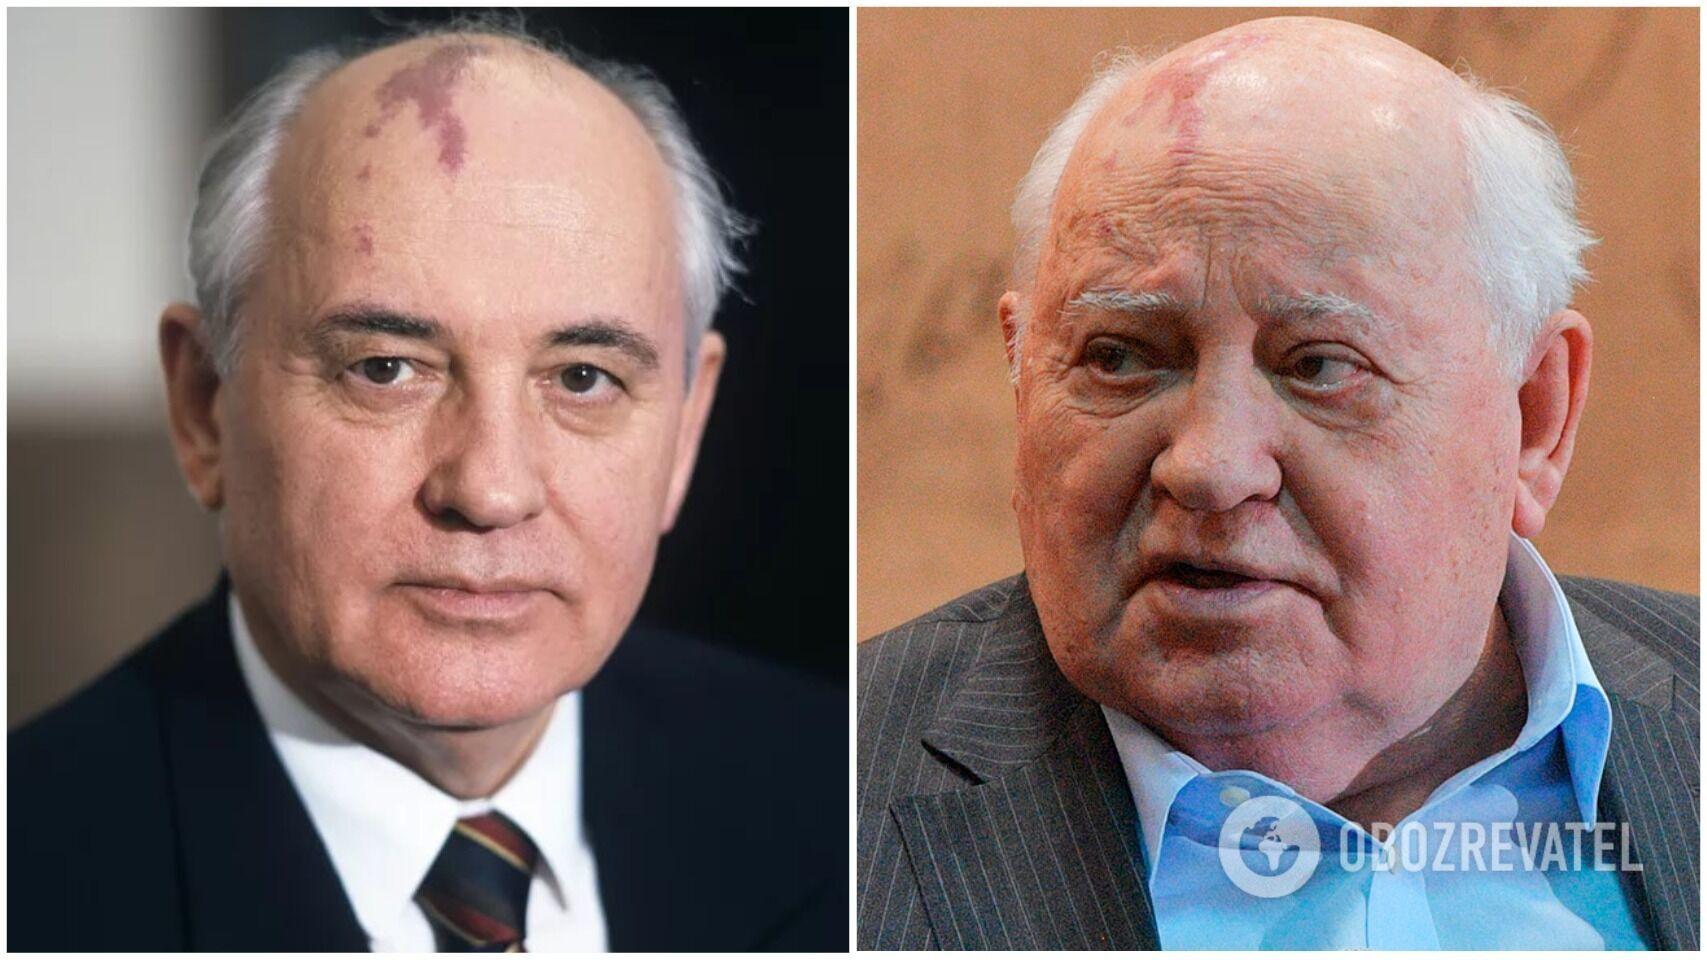 Михаил Горбачев когда был генеральным секретарем ЦК КПСС и сейчас